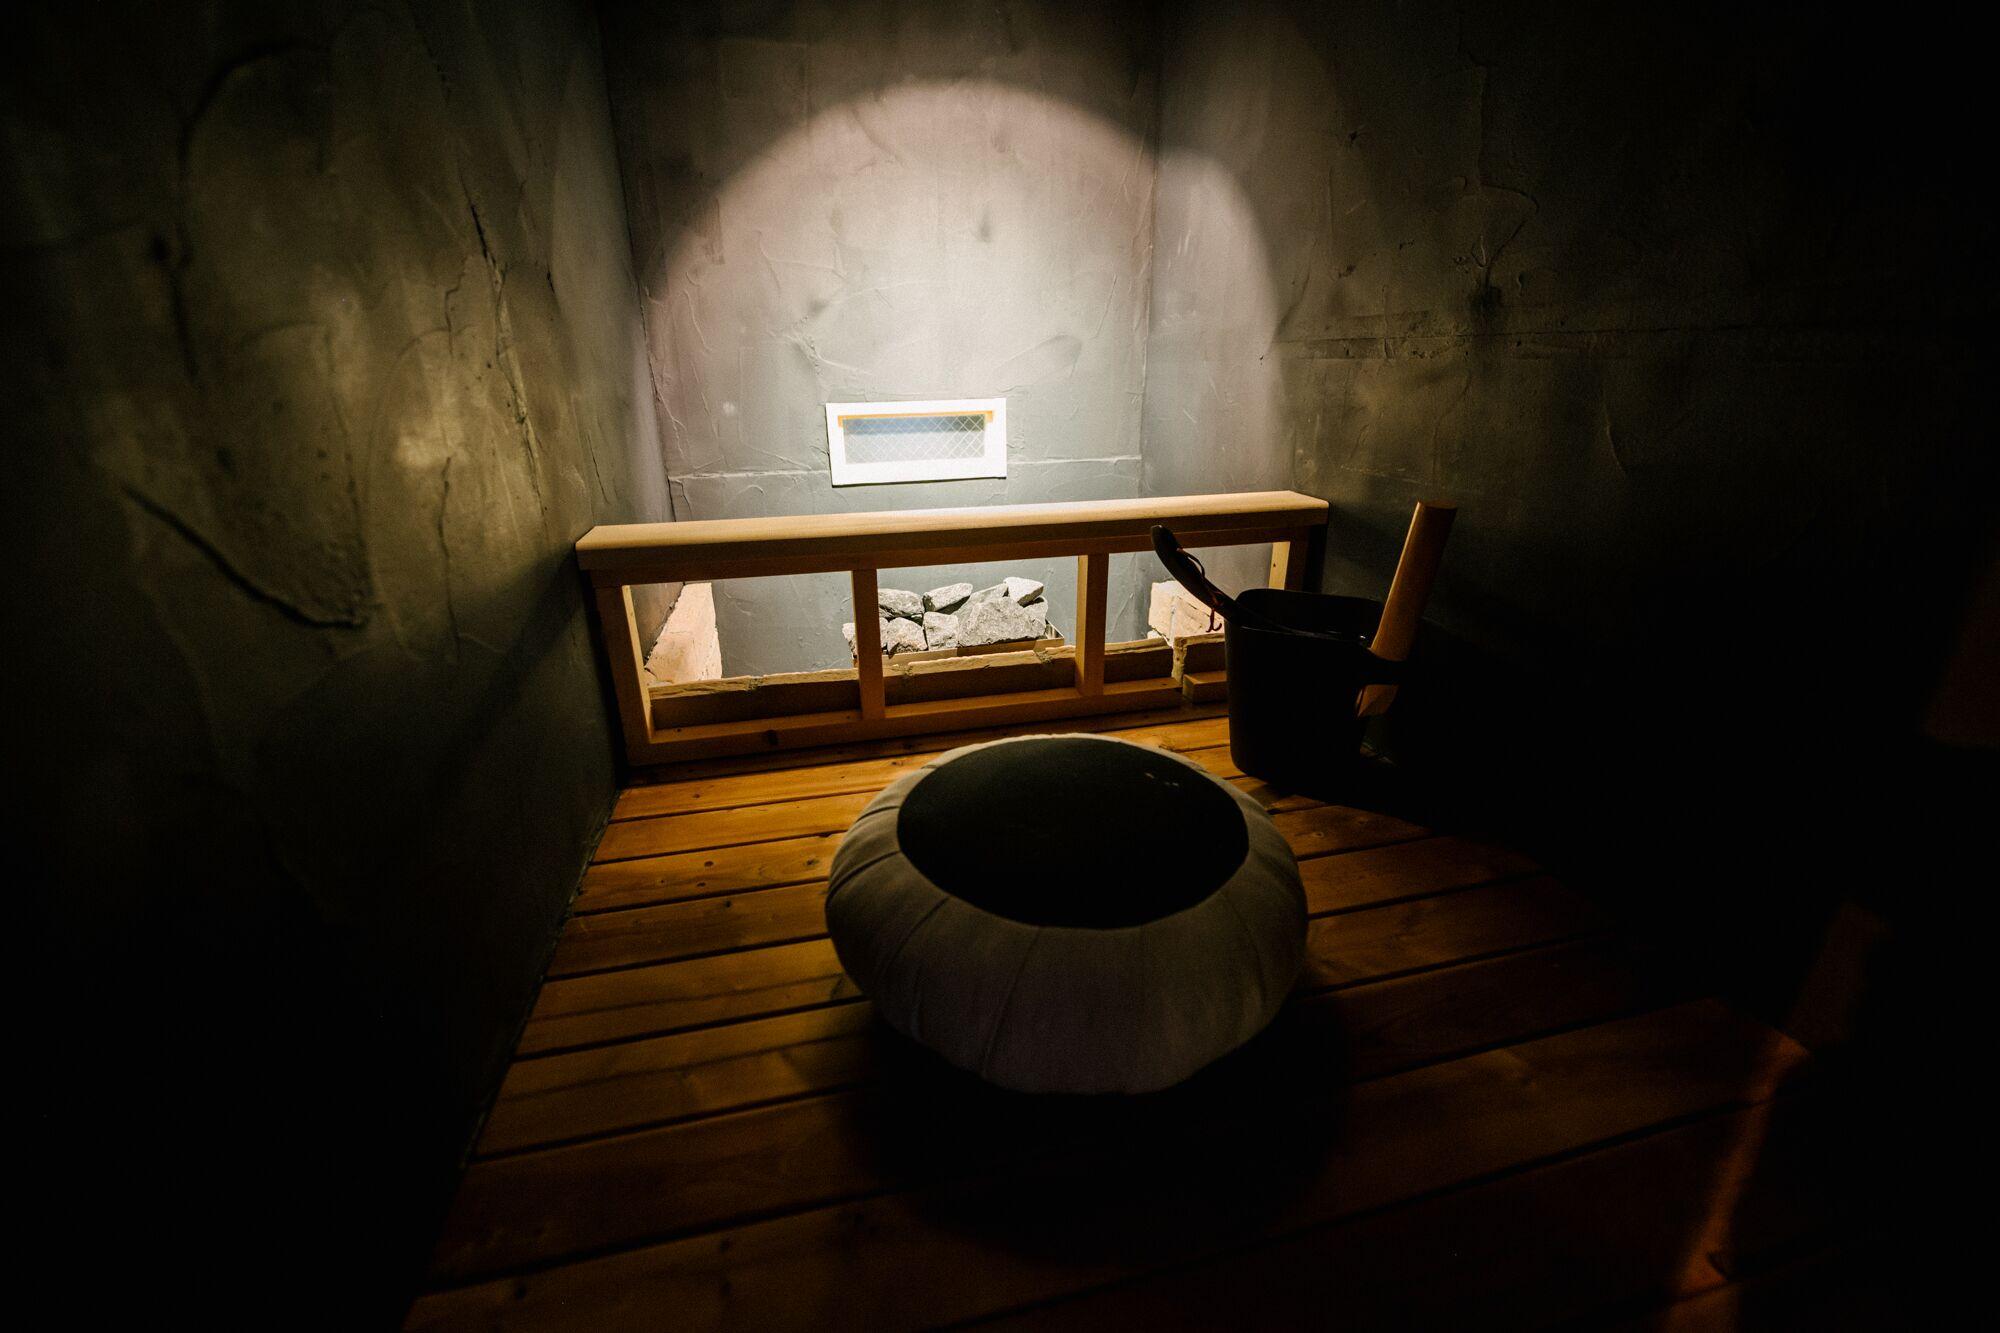 癒しを求める女子におすすめ。日常の中で気軽に楽しむフィンランドサウナ「SaunaLab」 - 5678e670e0e9bb9abf9587985df1daf2